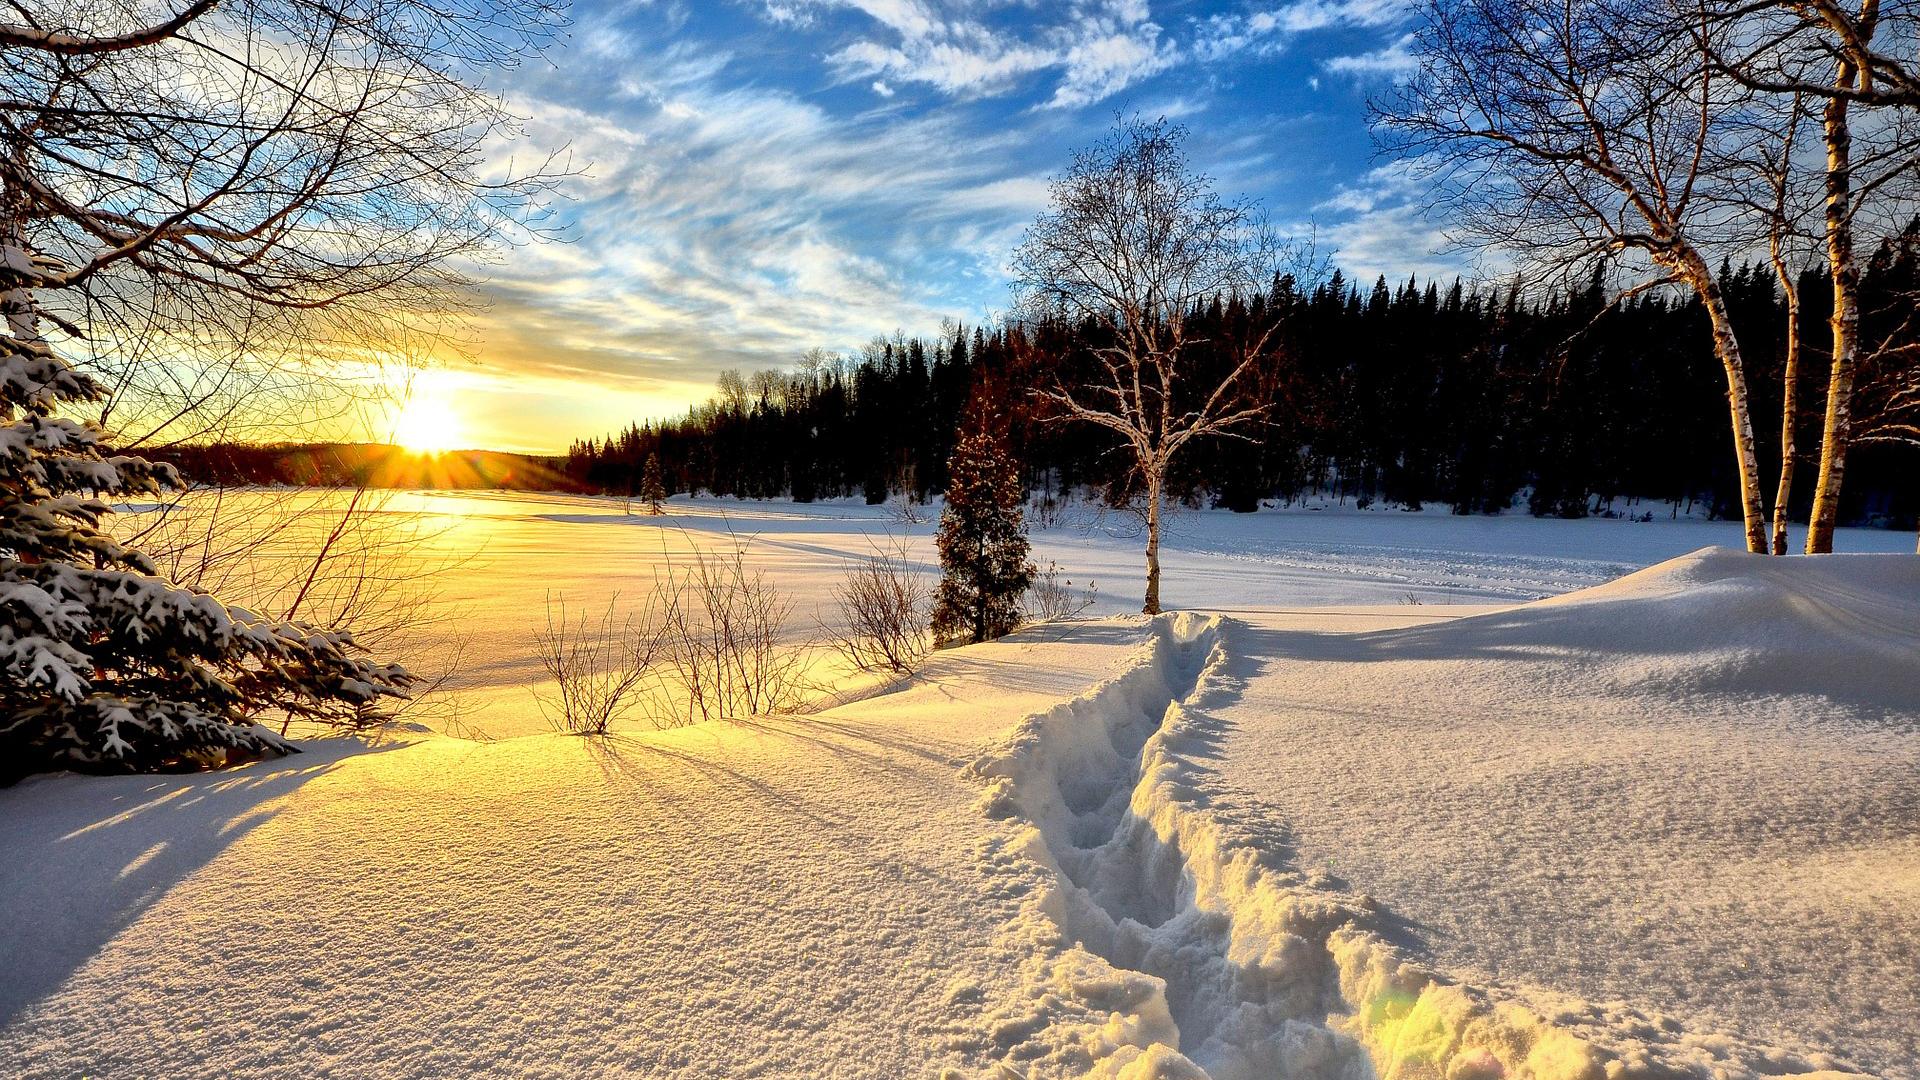 kesällä talvi kytkennät veden lämmitin